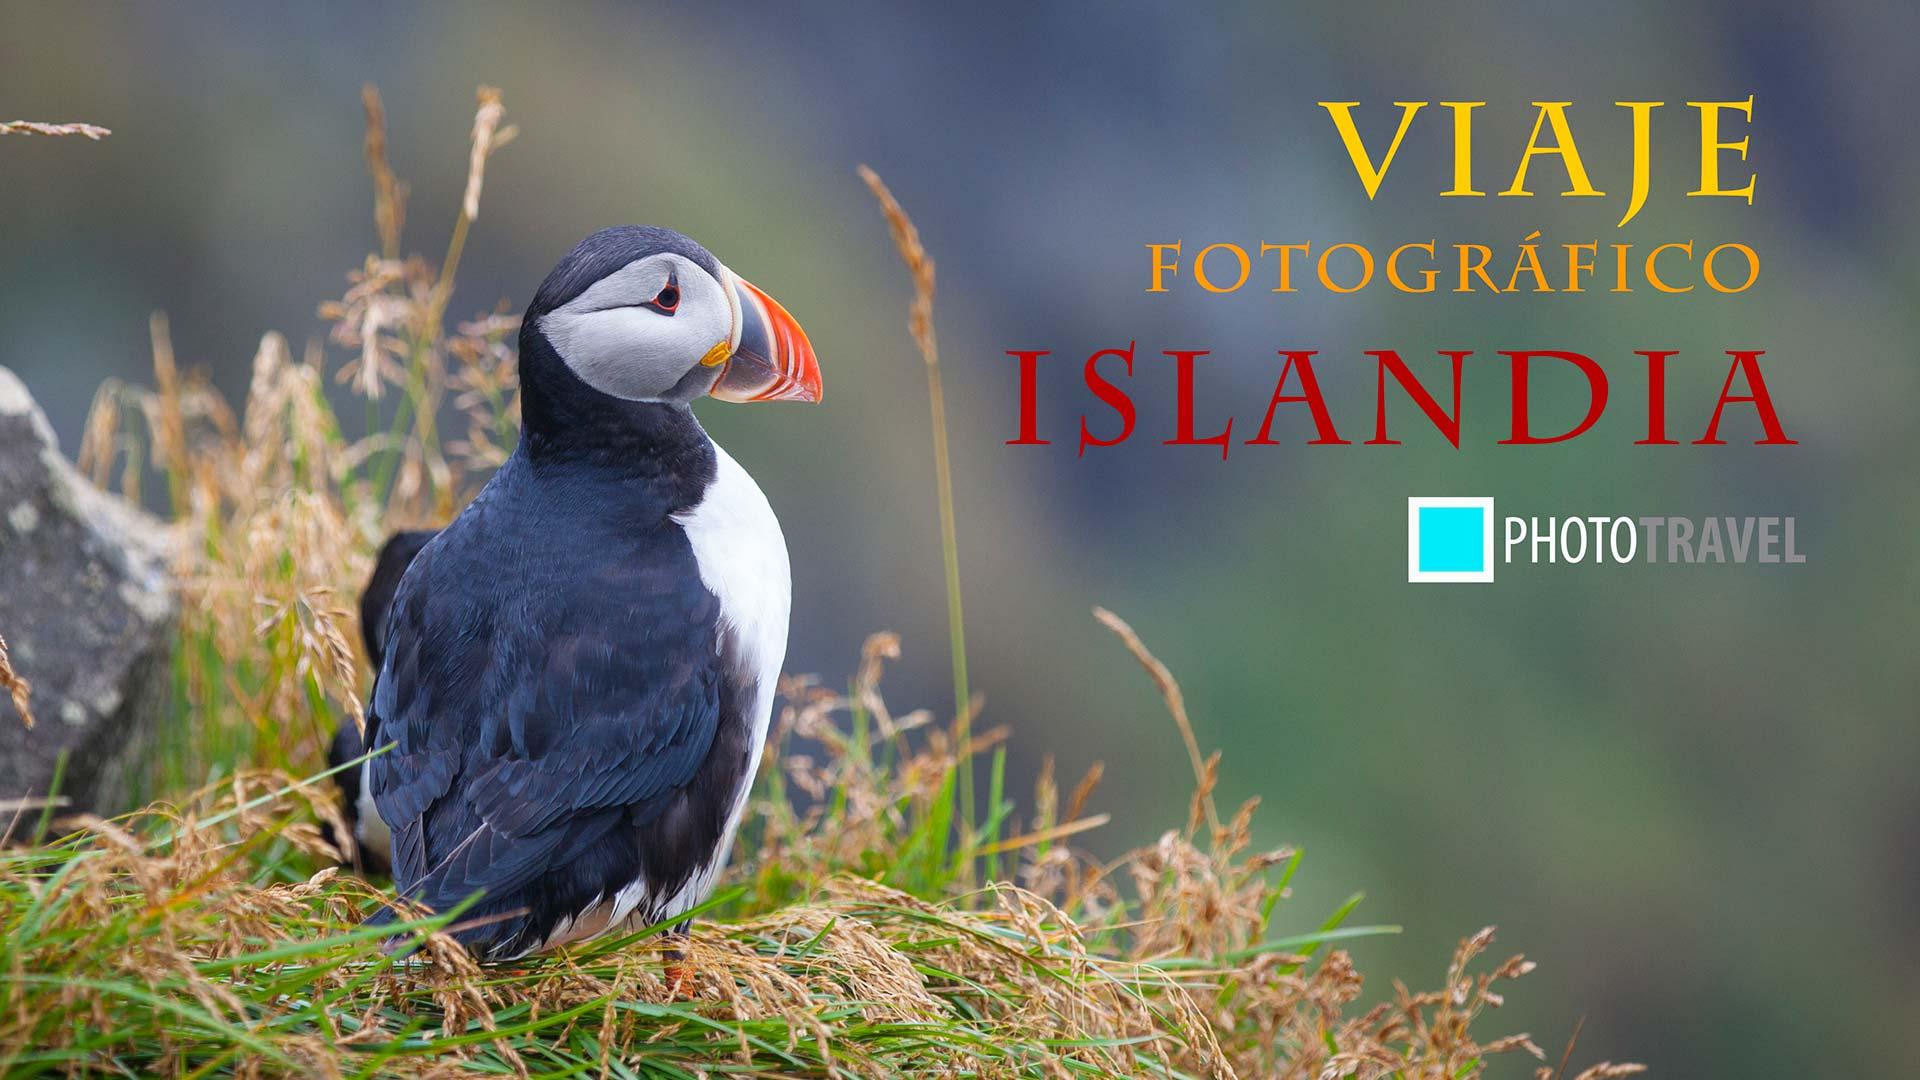 viaje-fotografico-islandia-grupo